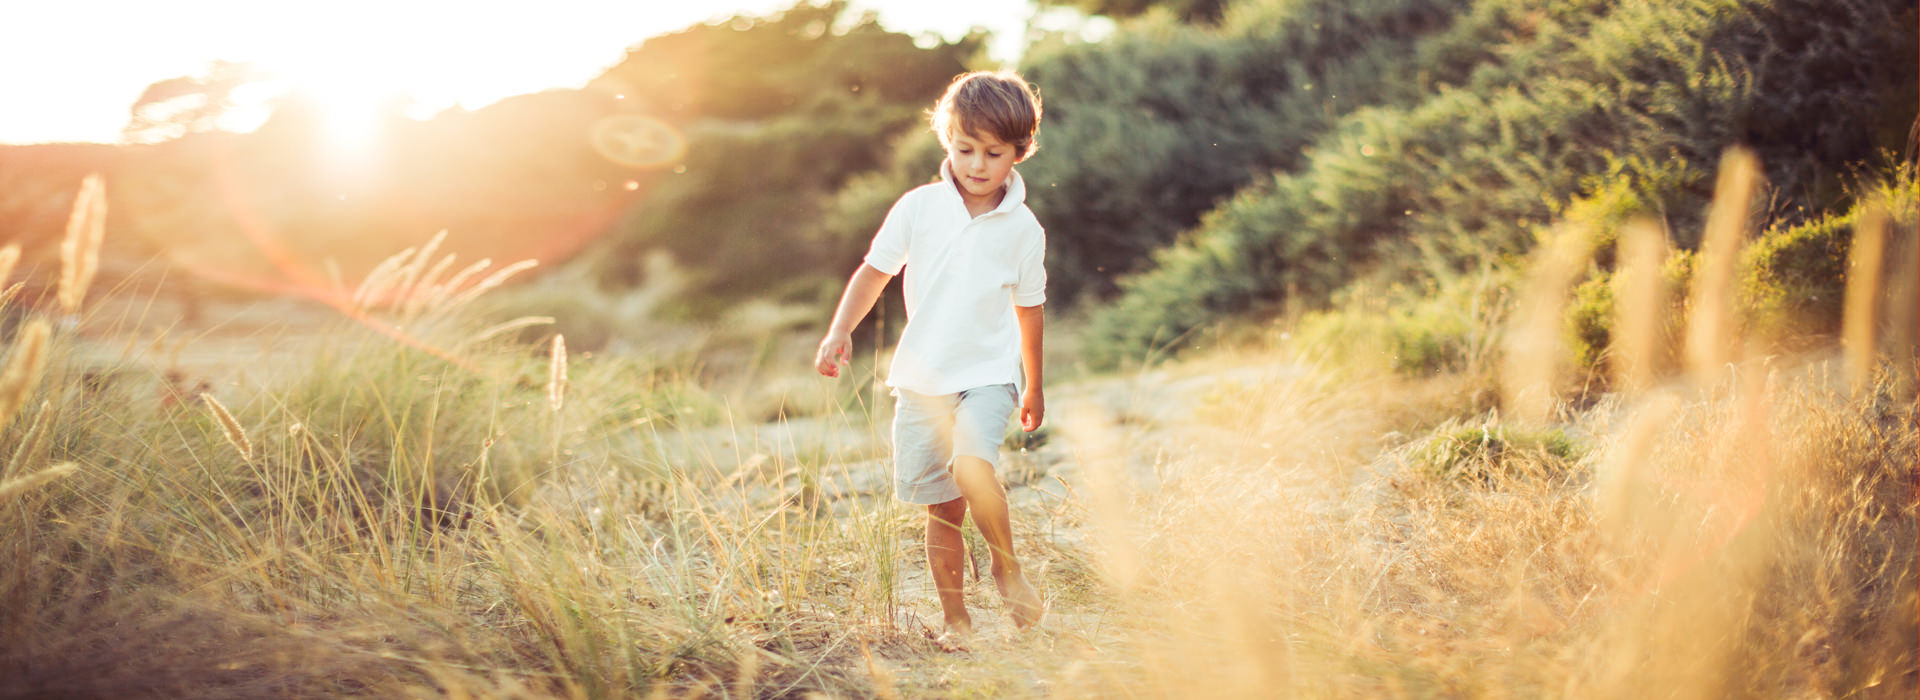 photographe-enfant-la-baule-guerande-saint-nazaire